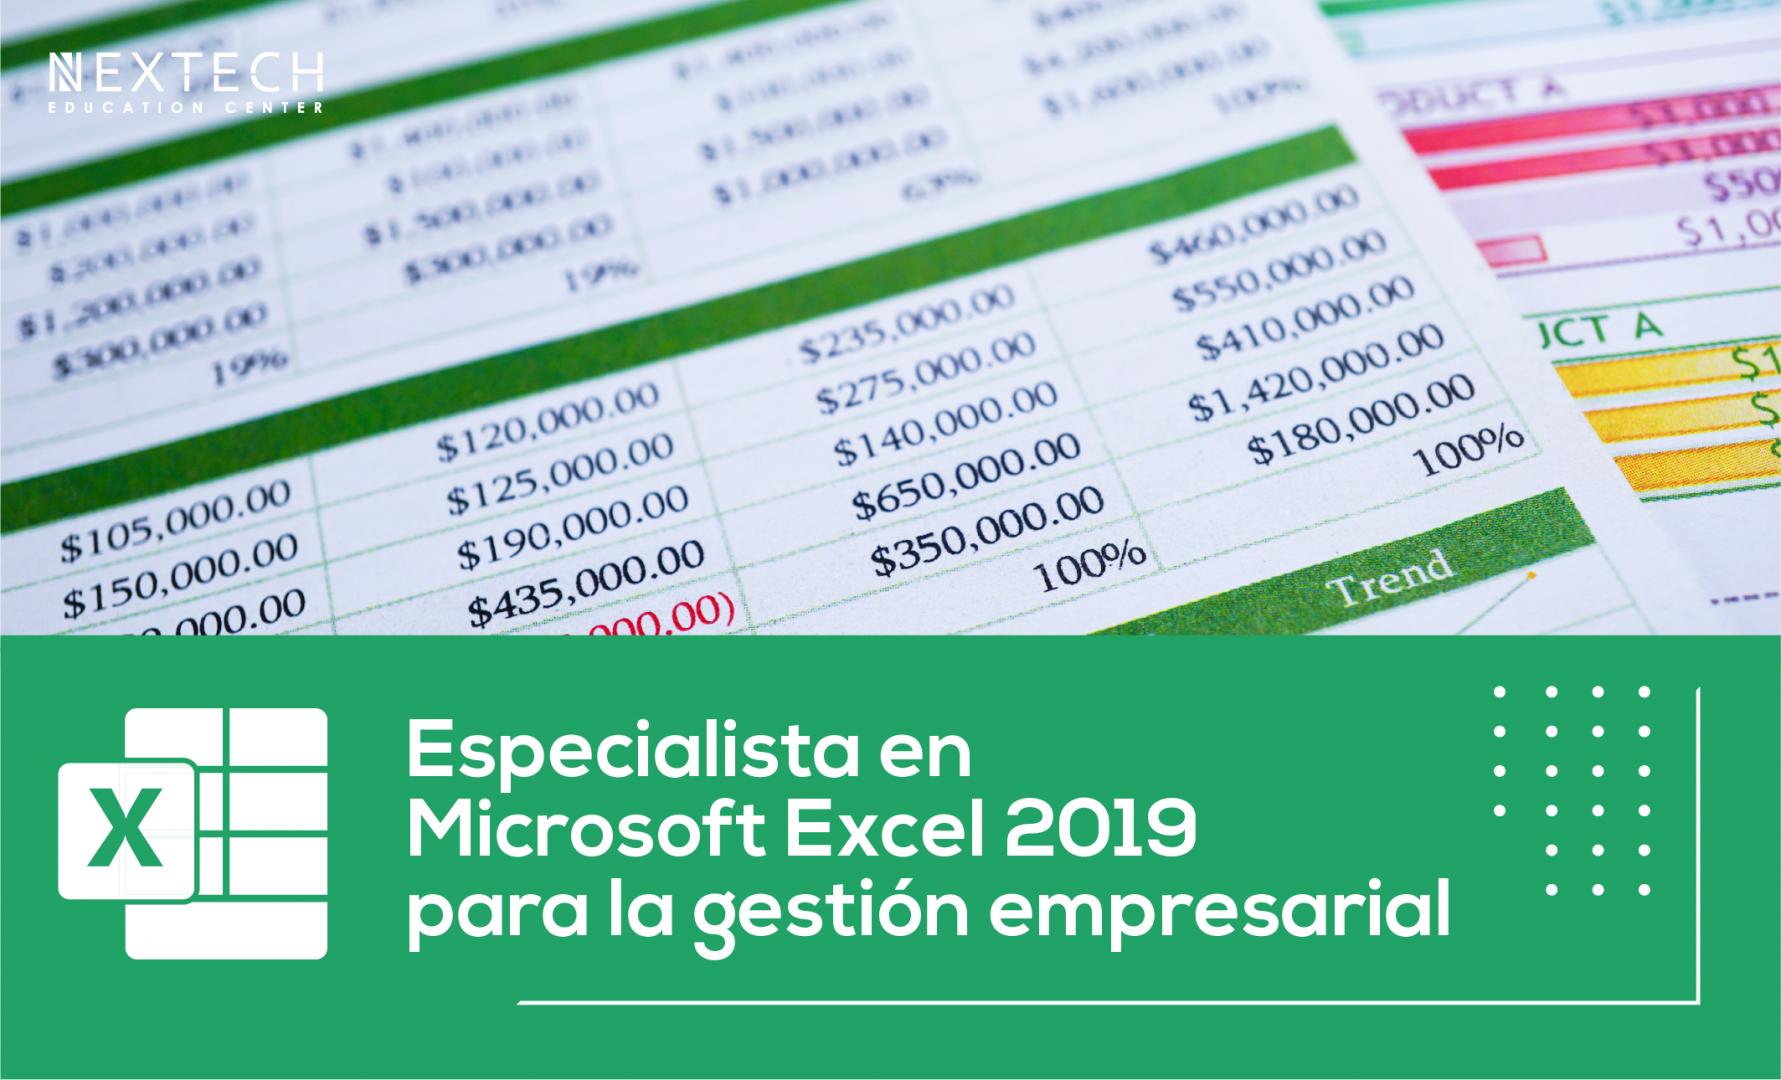 Curso Especialista en Microsoft Excel 2019 para a gestión empresarial